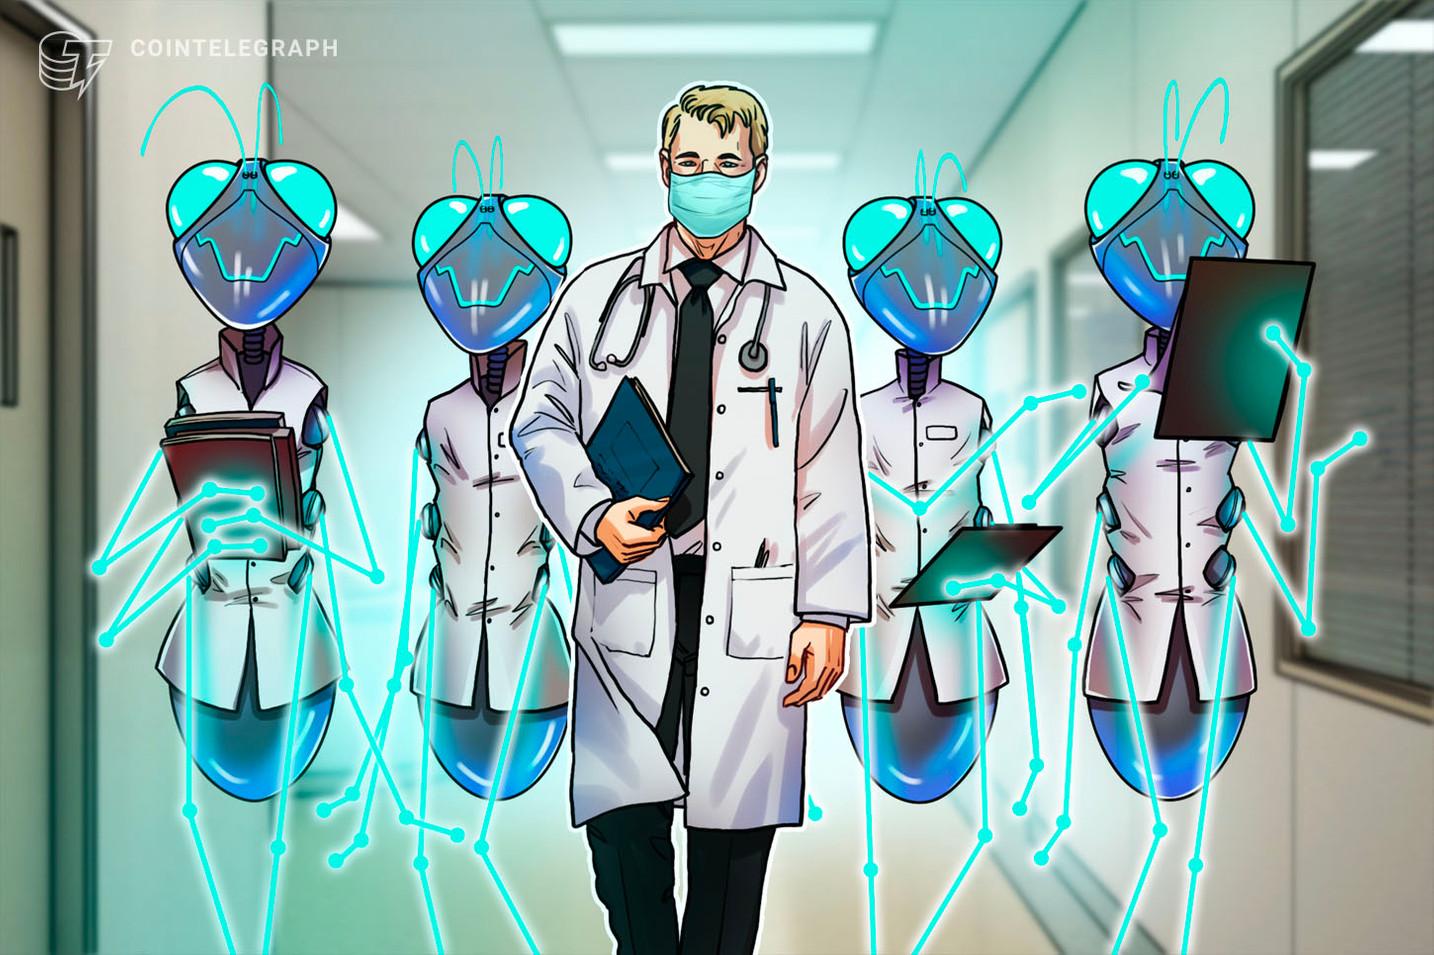 Blockchain proporciona datos de confianza para contrarrestar la propagación del Coronavirus